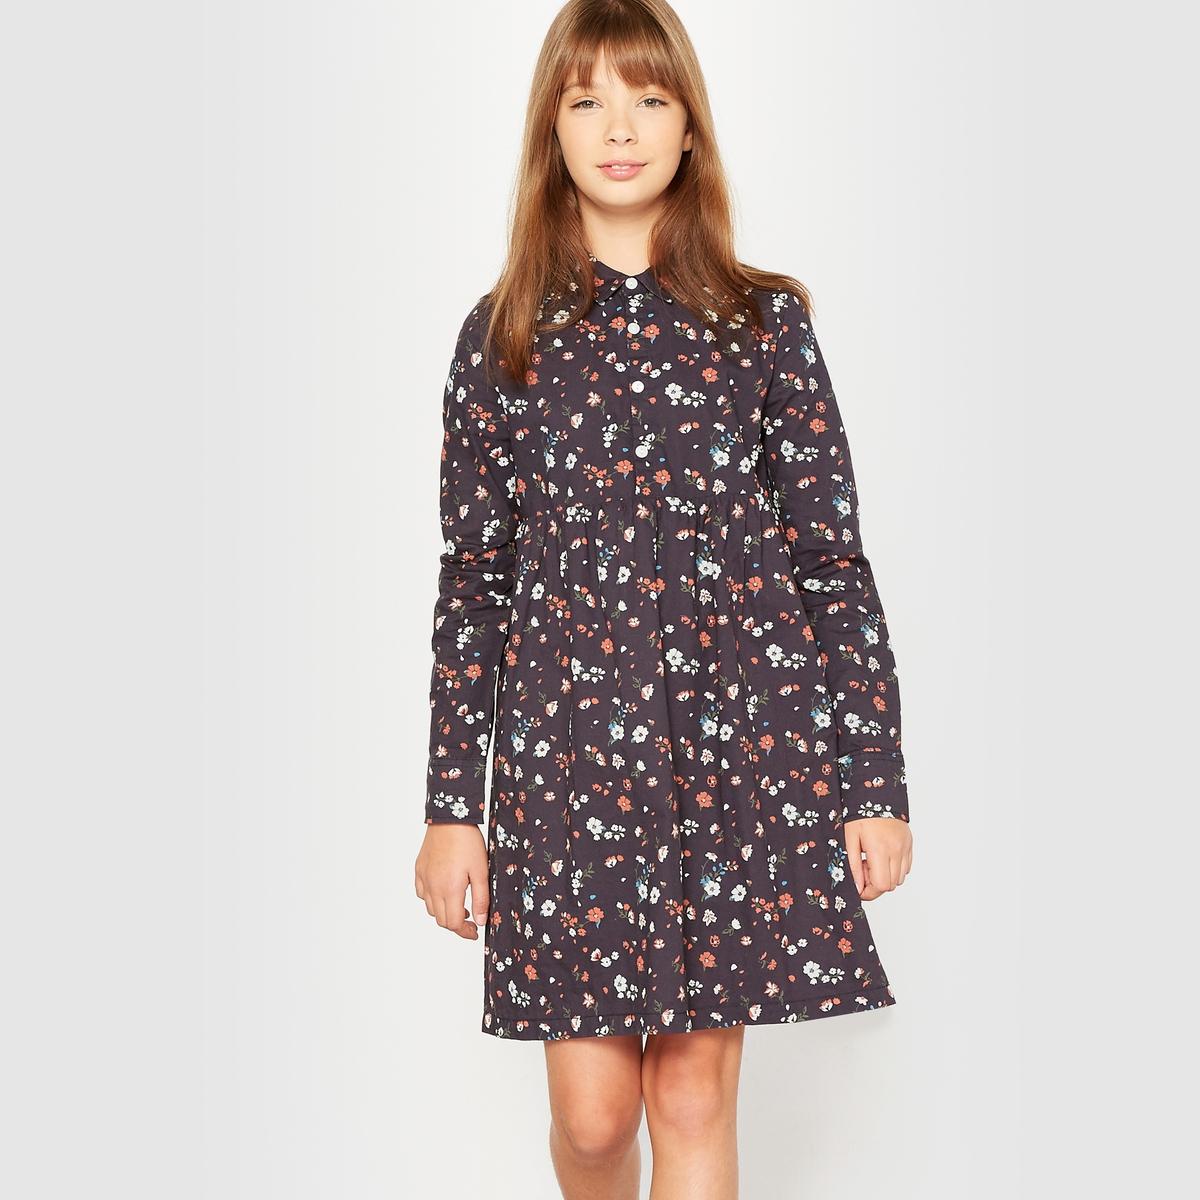 Платье с цветочным рисунком, 10-16 летПлатье с длинными рукавами и  цветочным рисунком.  Рубашечный воротник. Застежка на пуговицы до пояса. Отрезное по талии со складками по линии отреза. Манжеты застегиваются на пуговицу.                    Состав и описание:           Материал: 66,5% хлопка, 30,5% полиэстера, 3% эластана.         Подкладка: на подкладке по низу, 100% хлопка.         Длина: выше колена.         Марка: R pop                       Уход:          Машинная стирка при 30° с вещами подобных цветов.          Стирать и гладить с изнанки.          Машинная сушка в умеренном режиме.          Гладить на низкой температуре.<br><br>Цвет: рисунок темно-синий<br>Размер: 16 лет